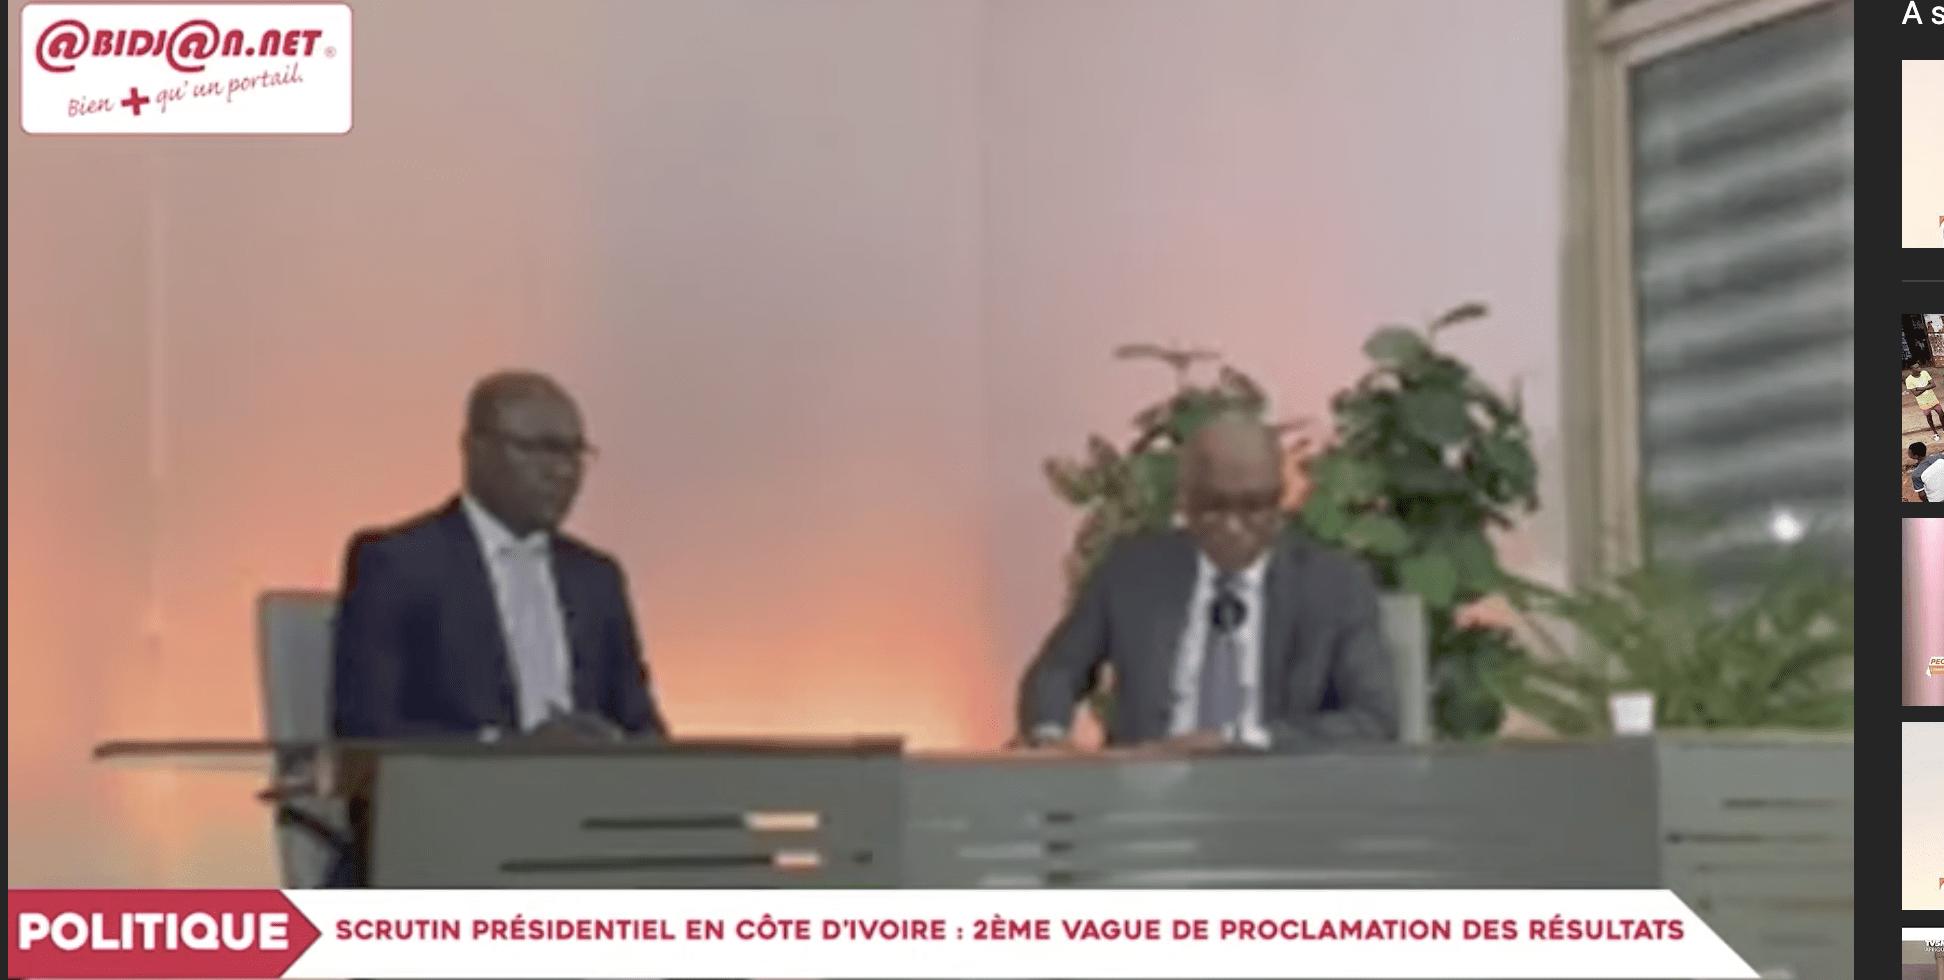 Scrutin présidentiel en Côte d'Ivoire : 2ème vague de Proclamation des résultats (video)